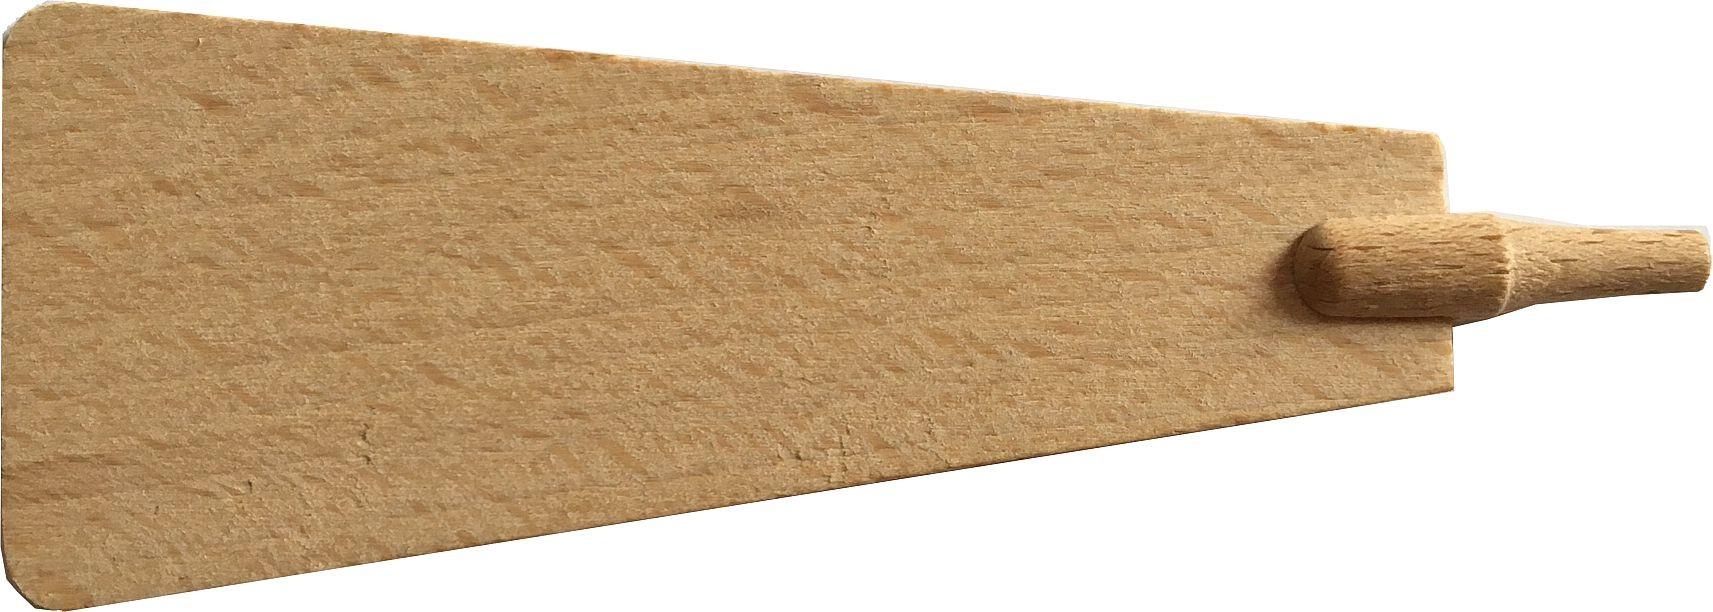 Pyramidenflügel mit Schaft Dms. 5 mm, Länge 80mm